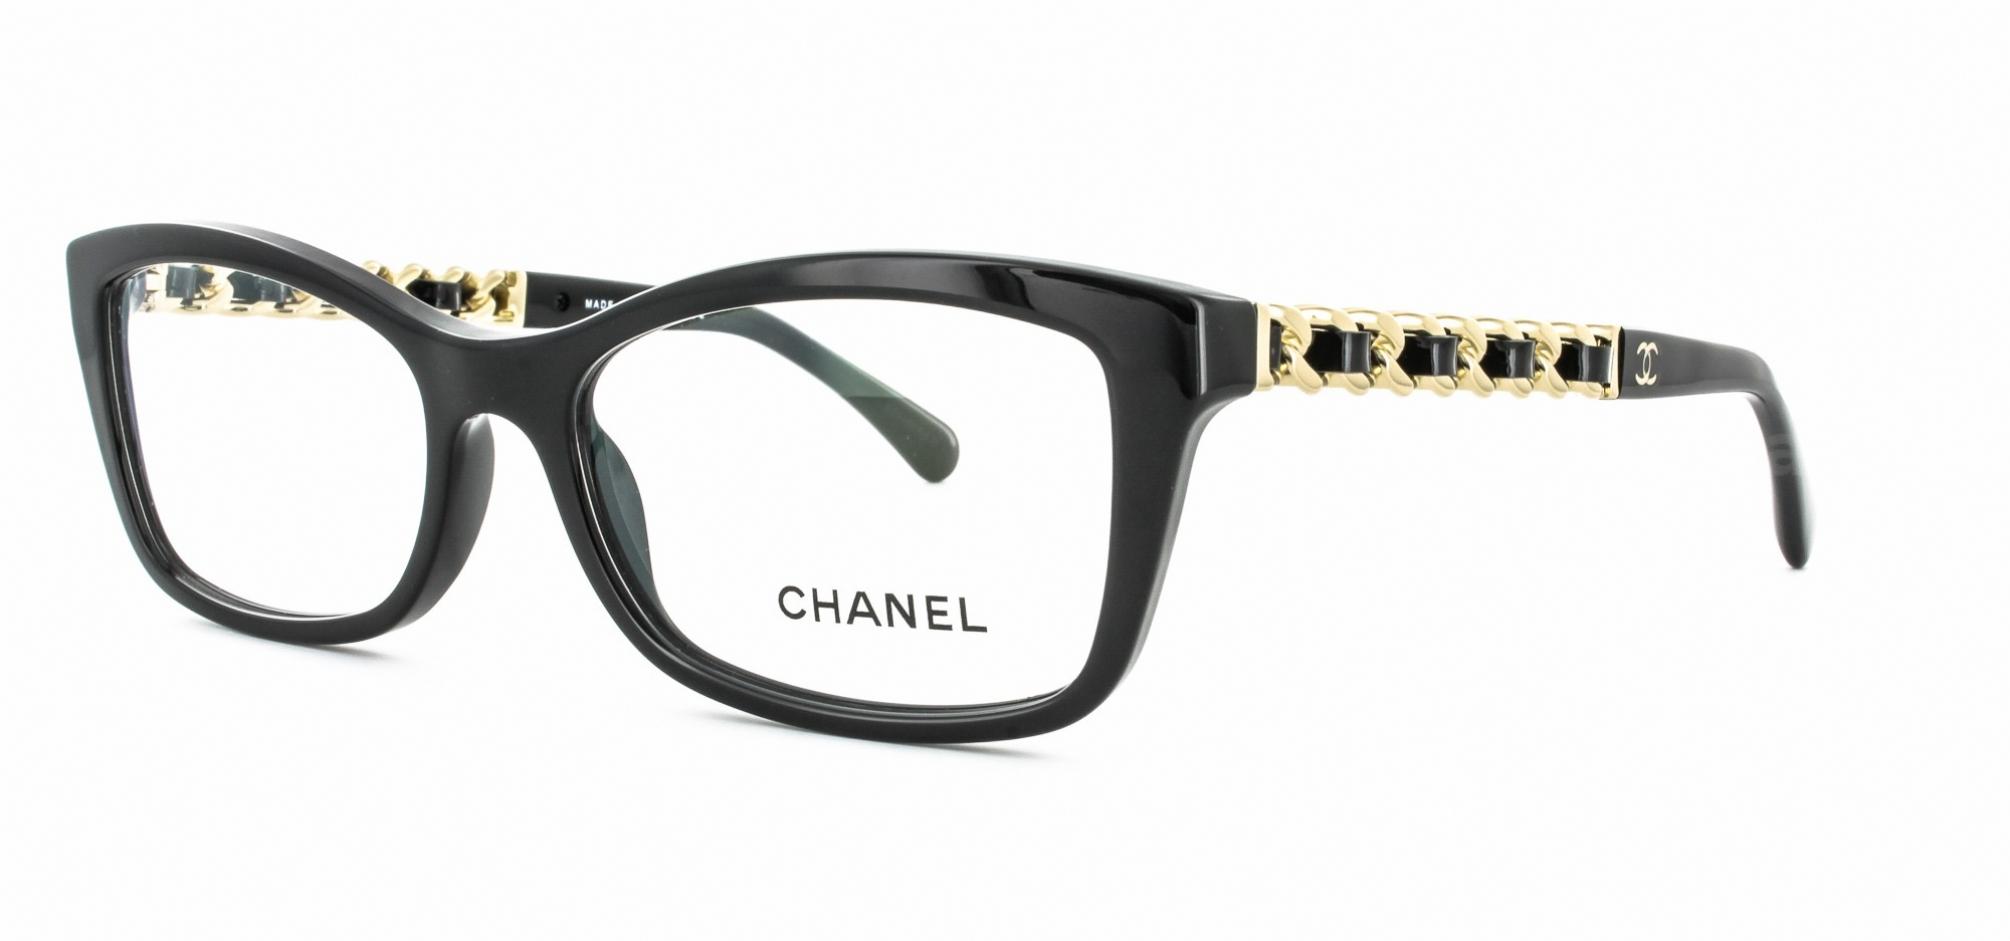 Chanel Frame For Glasses : Chanel 3264q Eyeglasses